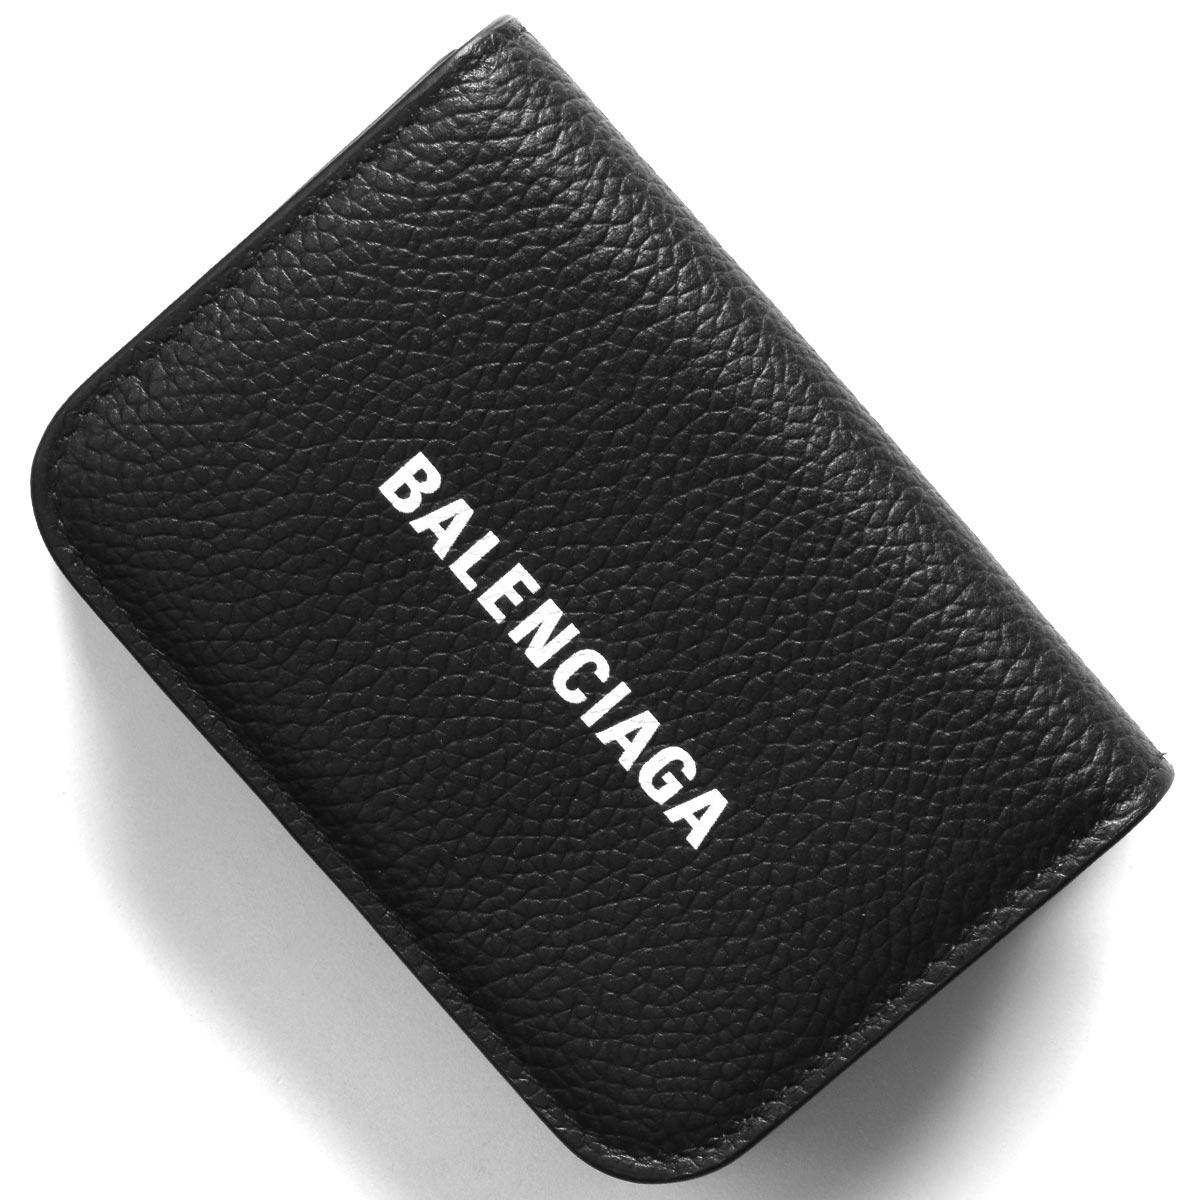 バレンシアガ 三つ折り財布/ミニ財布 財布 レディース キャッシュ ブラック&ブランホワイト 593813 1IZ4M 1090 2020年春夏新作 BALENCIAGA